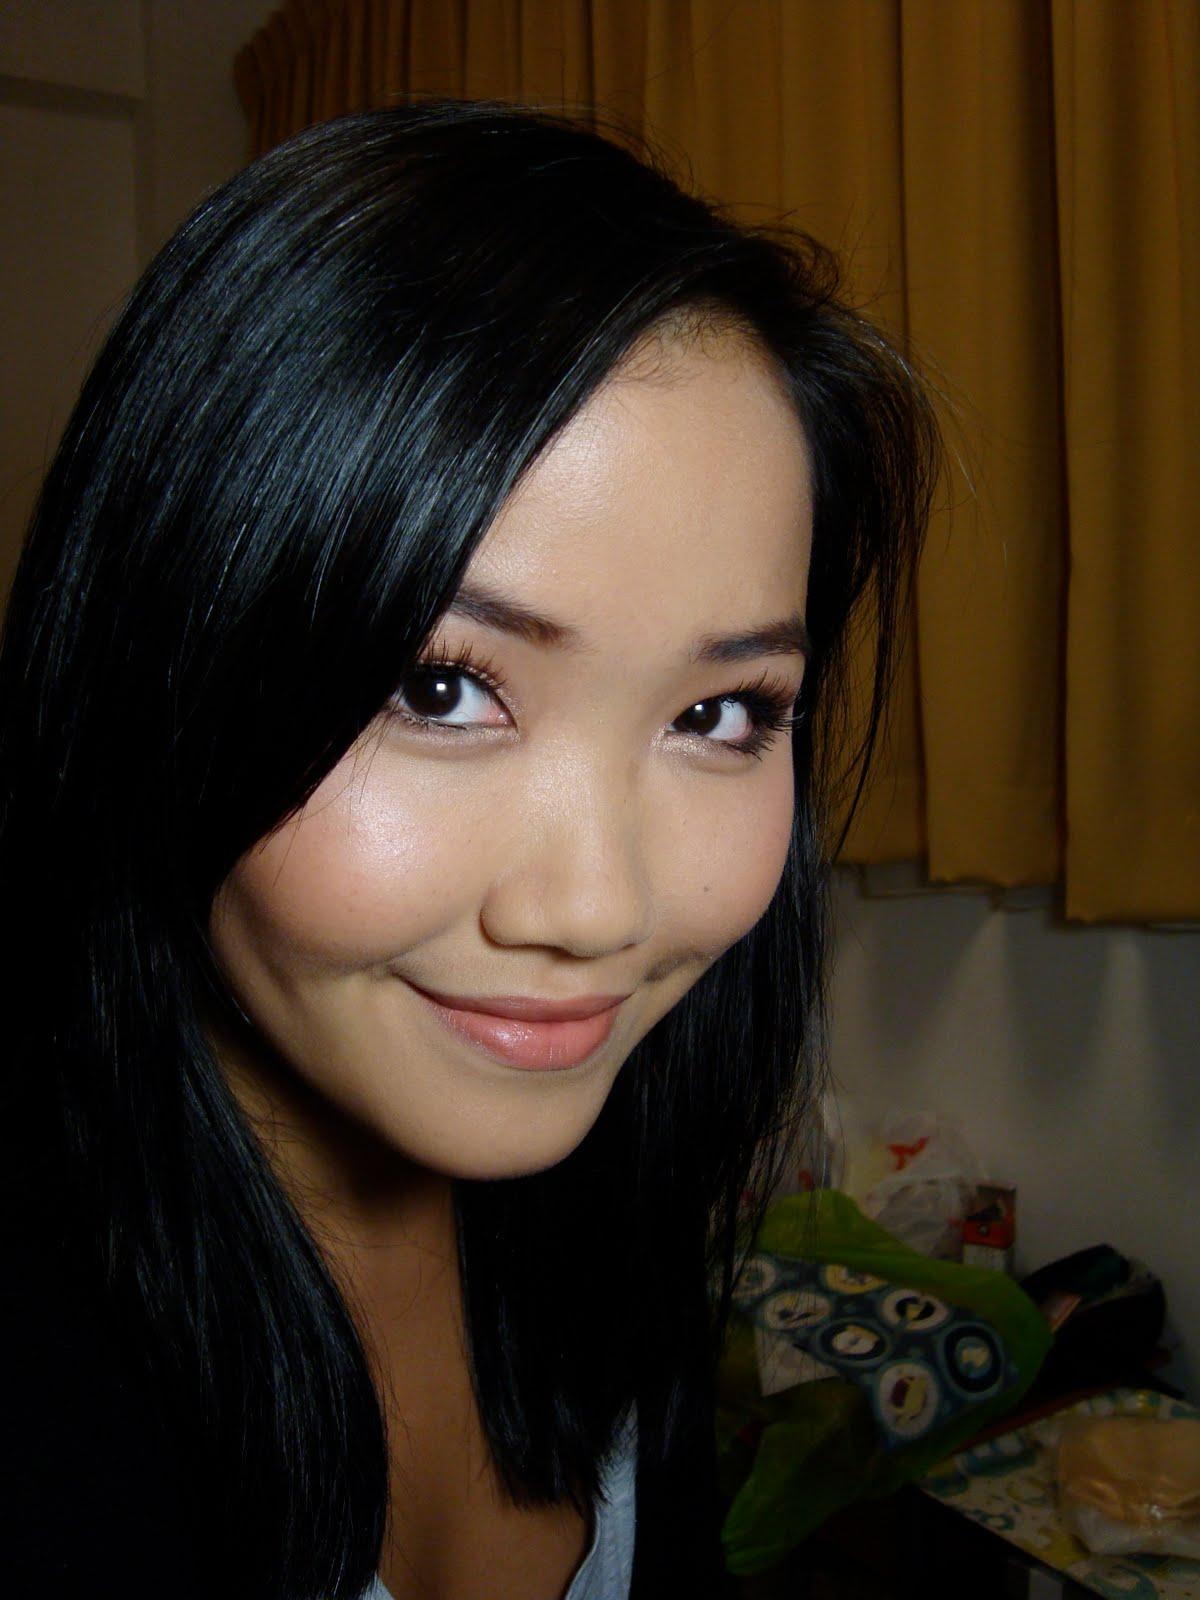 http://1.bp.blogspot.com/_xdpjADHIXBo/S6spZoFlgoI/AAAAAAAAAKY/GZu6tw4Fl5M/s1600/DSC07668.JPG